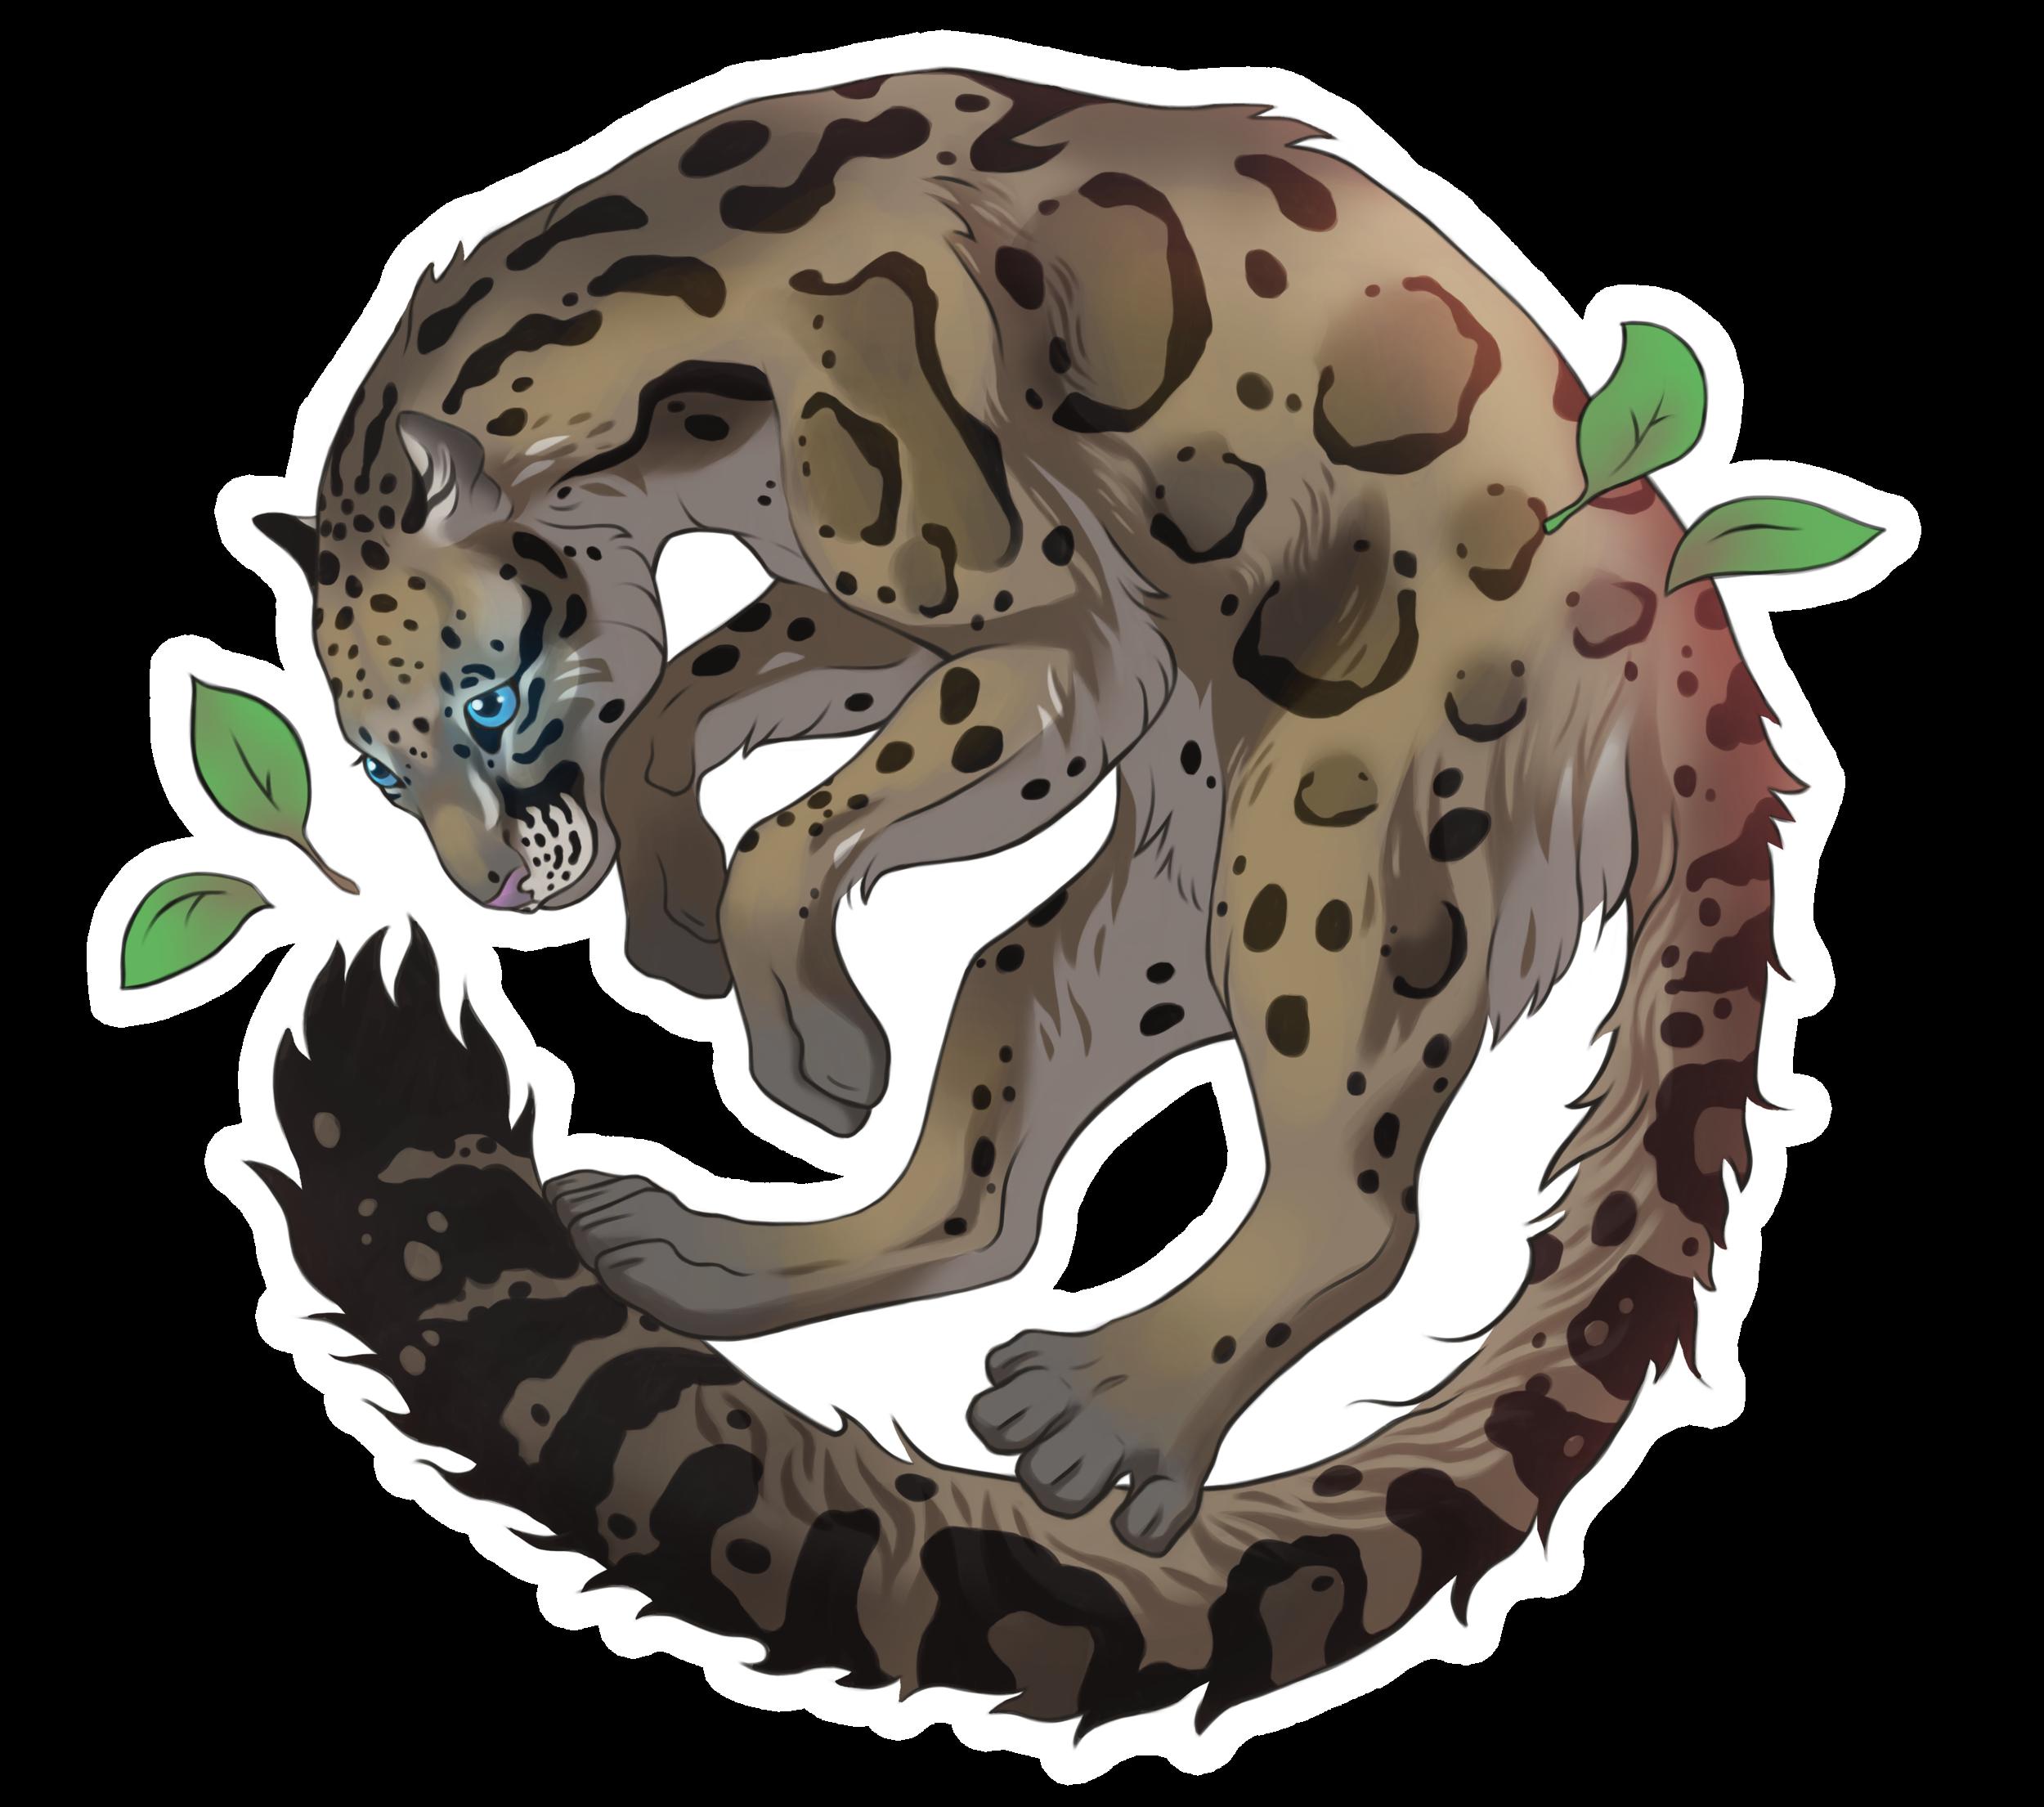 7-cloudedleopard-tanja-pracht-2.png